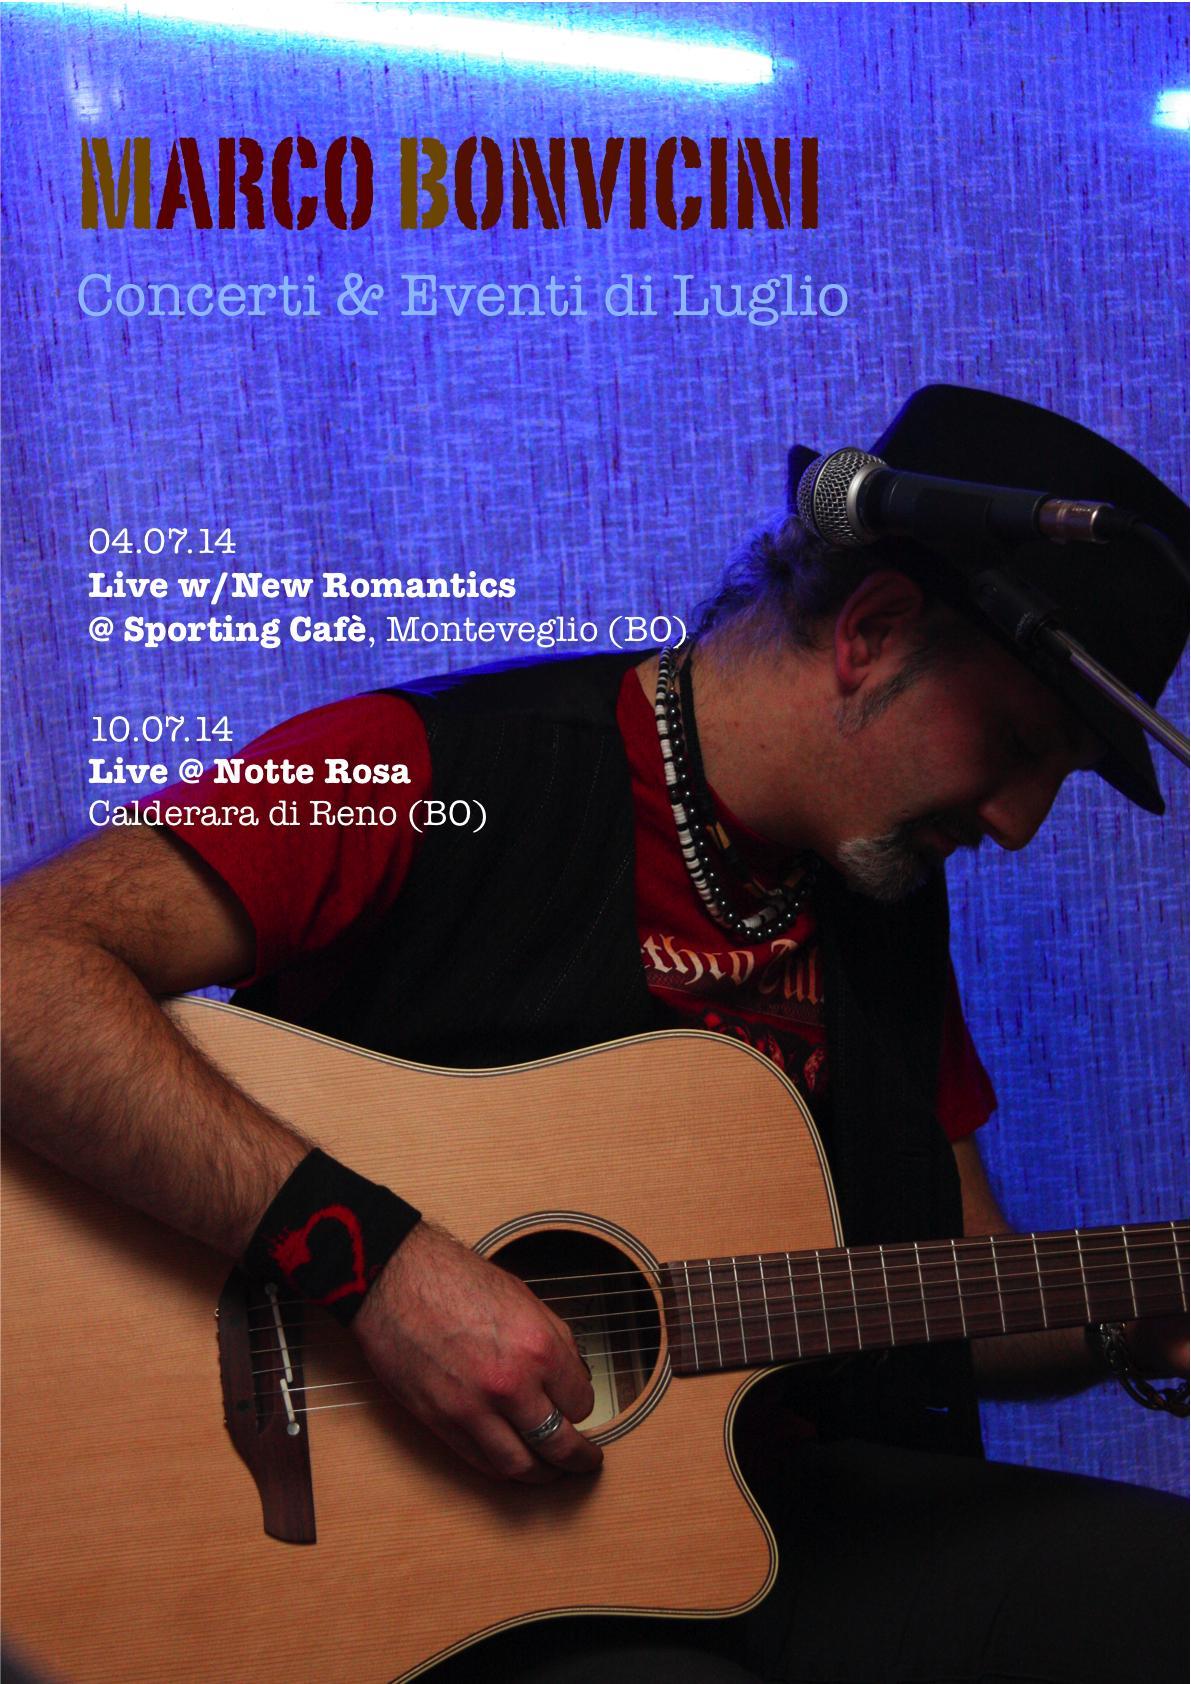 Marco Bonvicini – Live Luglio 2014